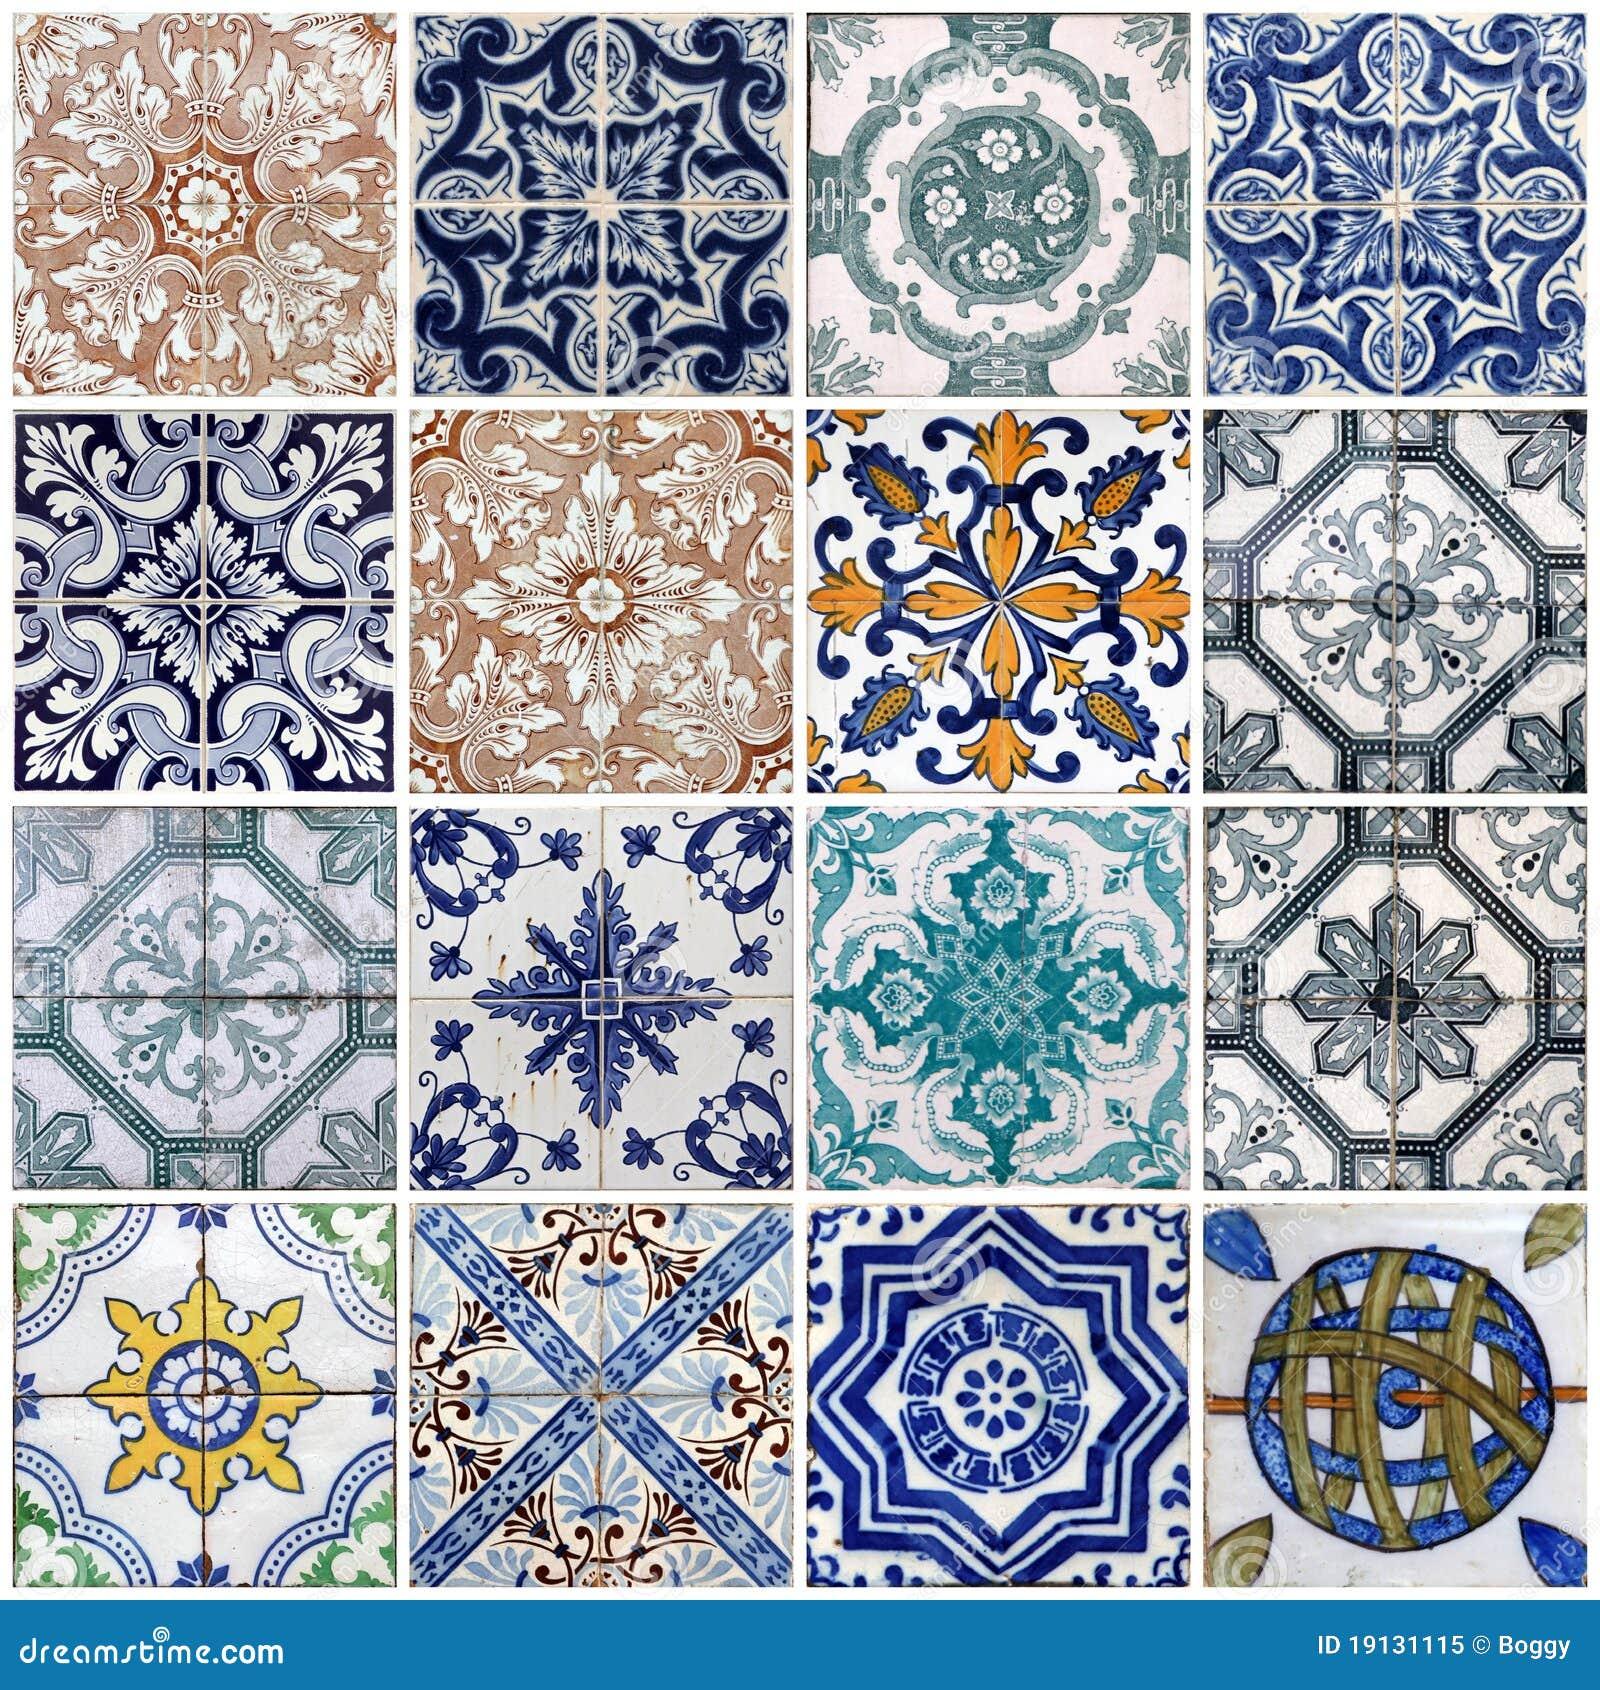 Fliesen Portugal : ... Fassade deckt azulejos von Lissabon, Portugal mit Ziegeln